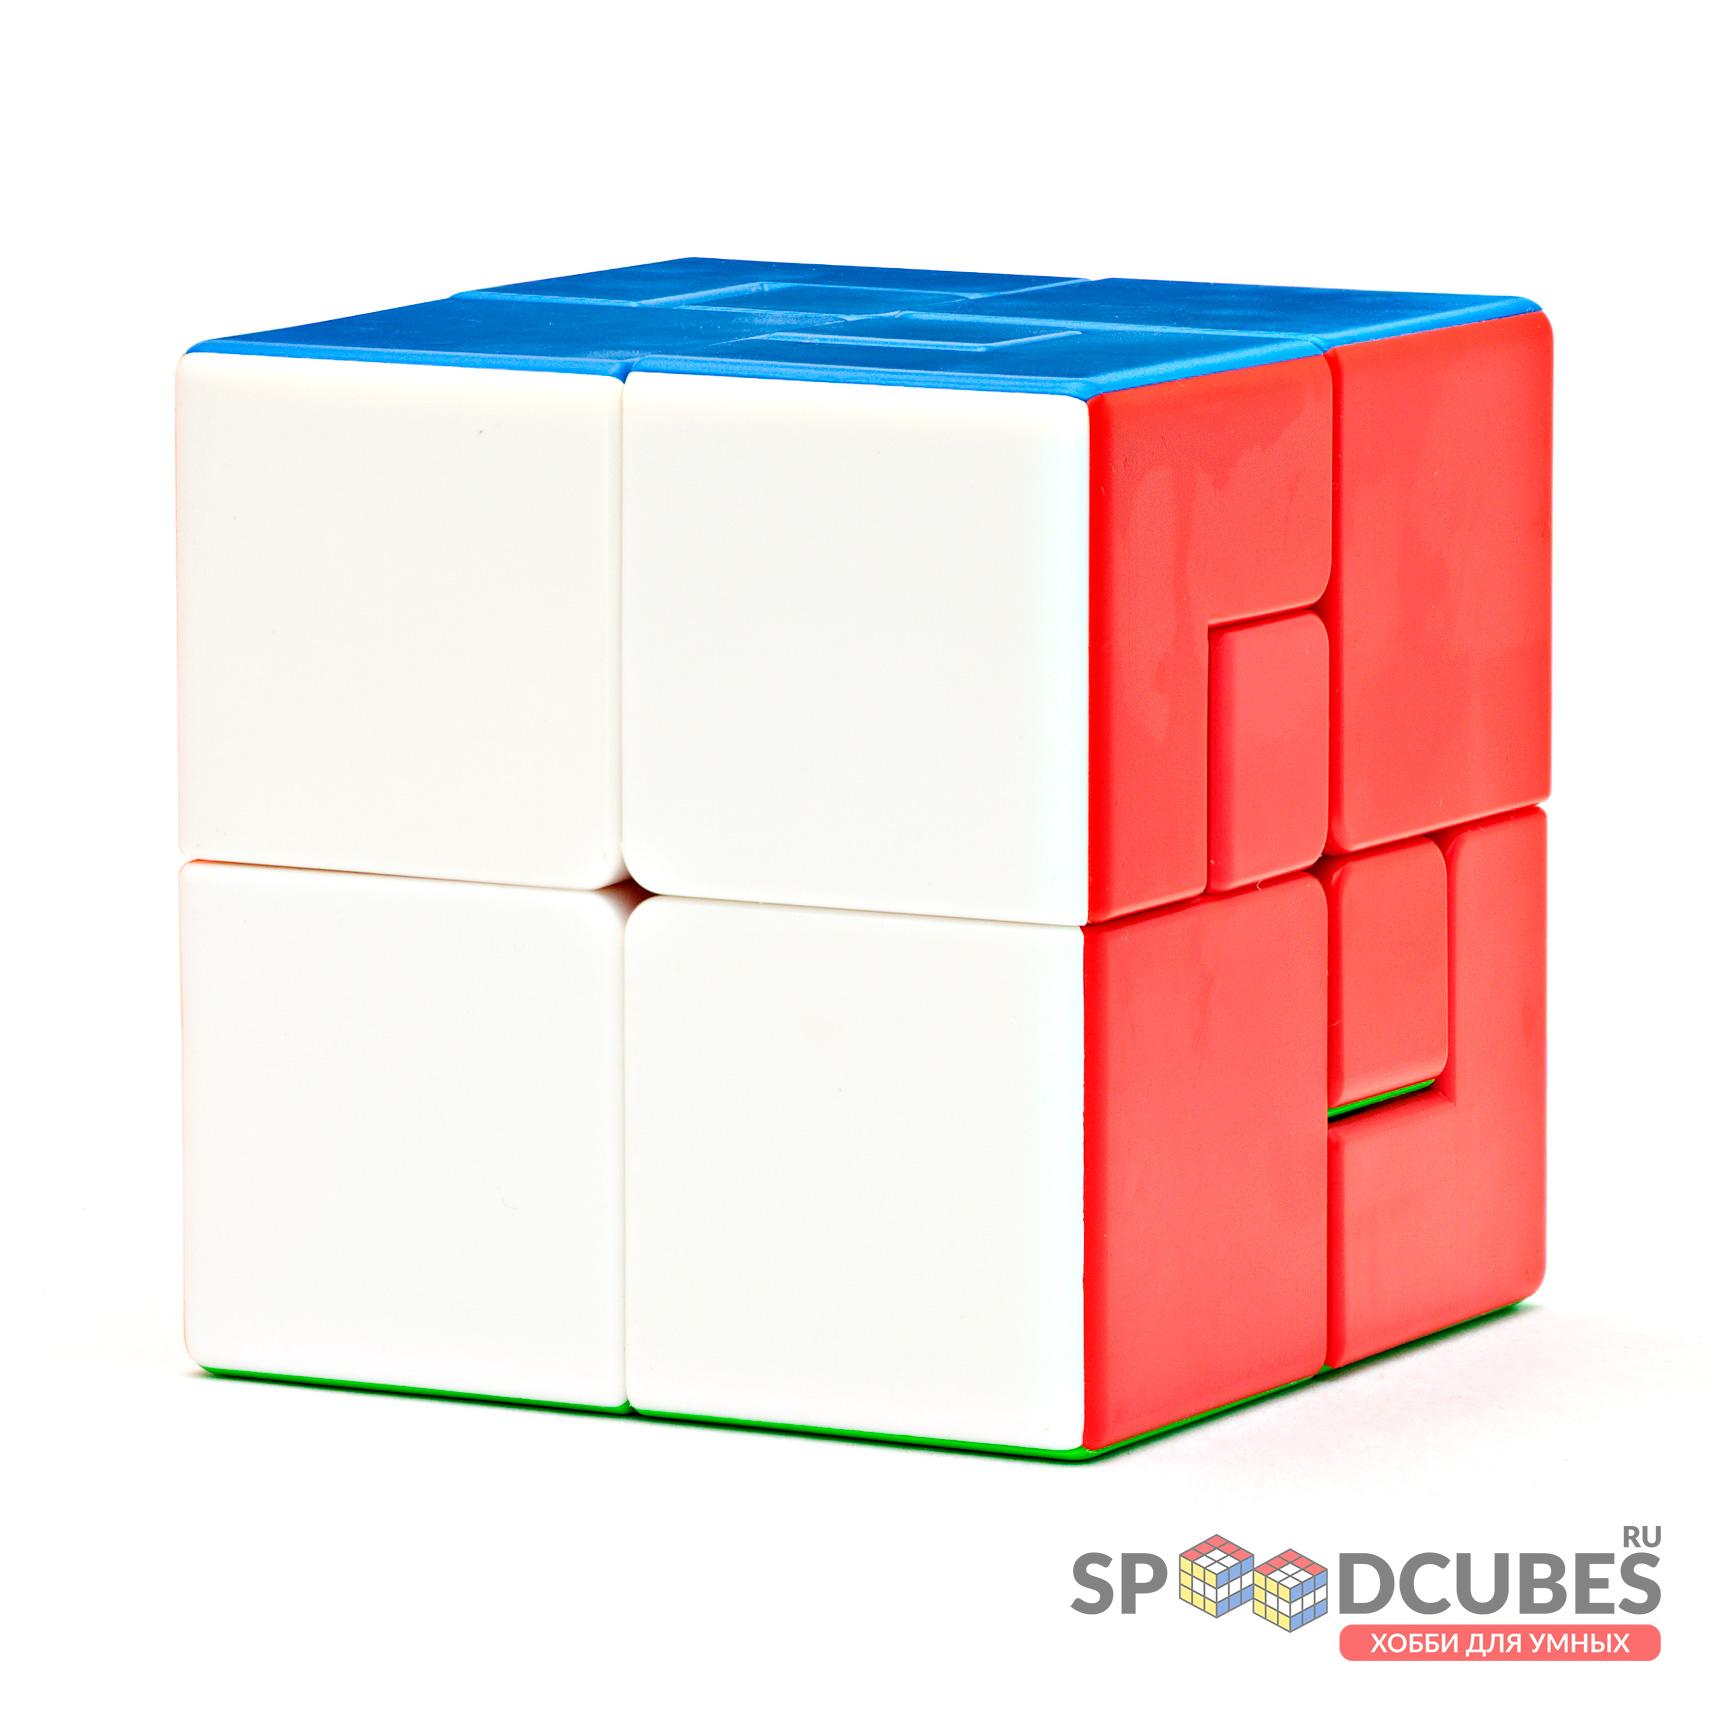 MoYu MeiLong Puppet 1 3x3x3